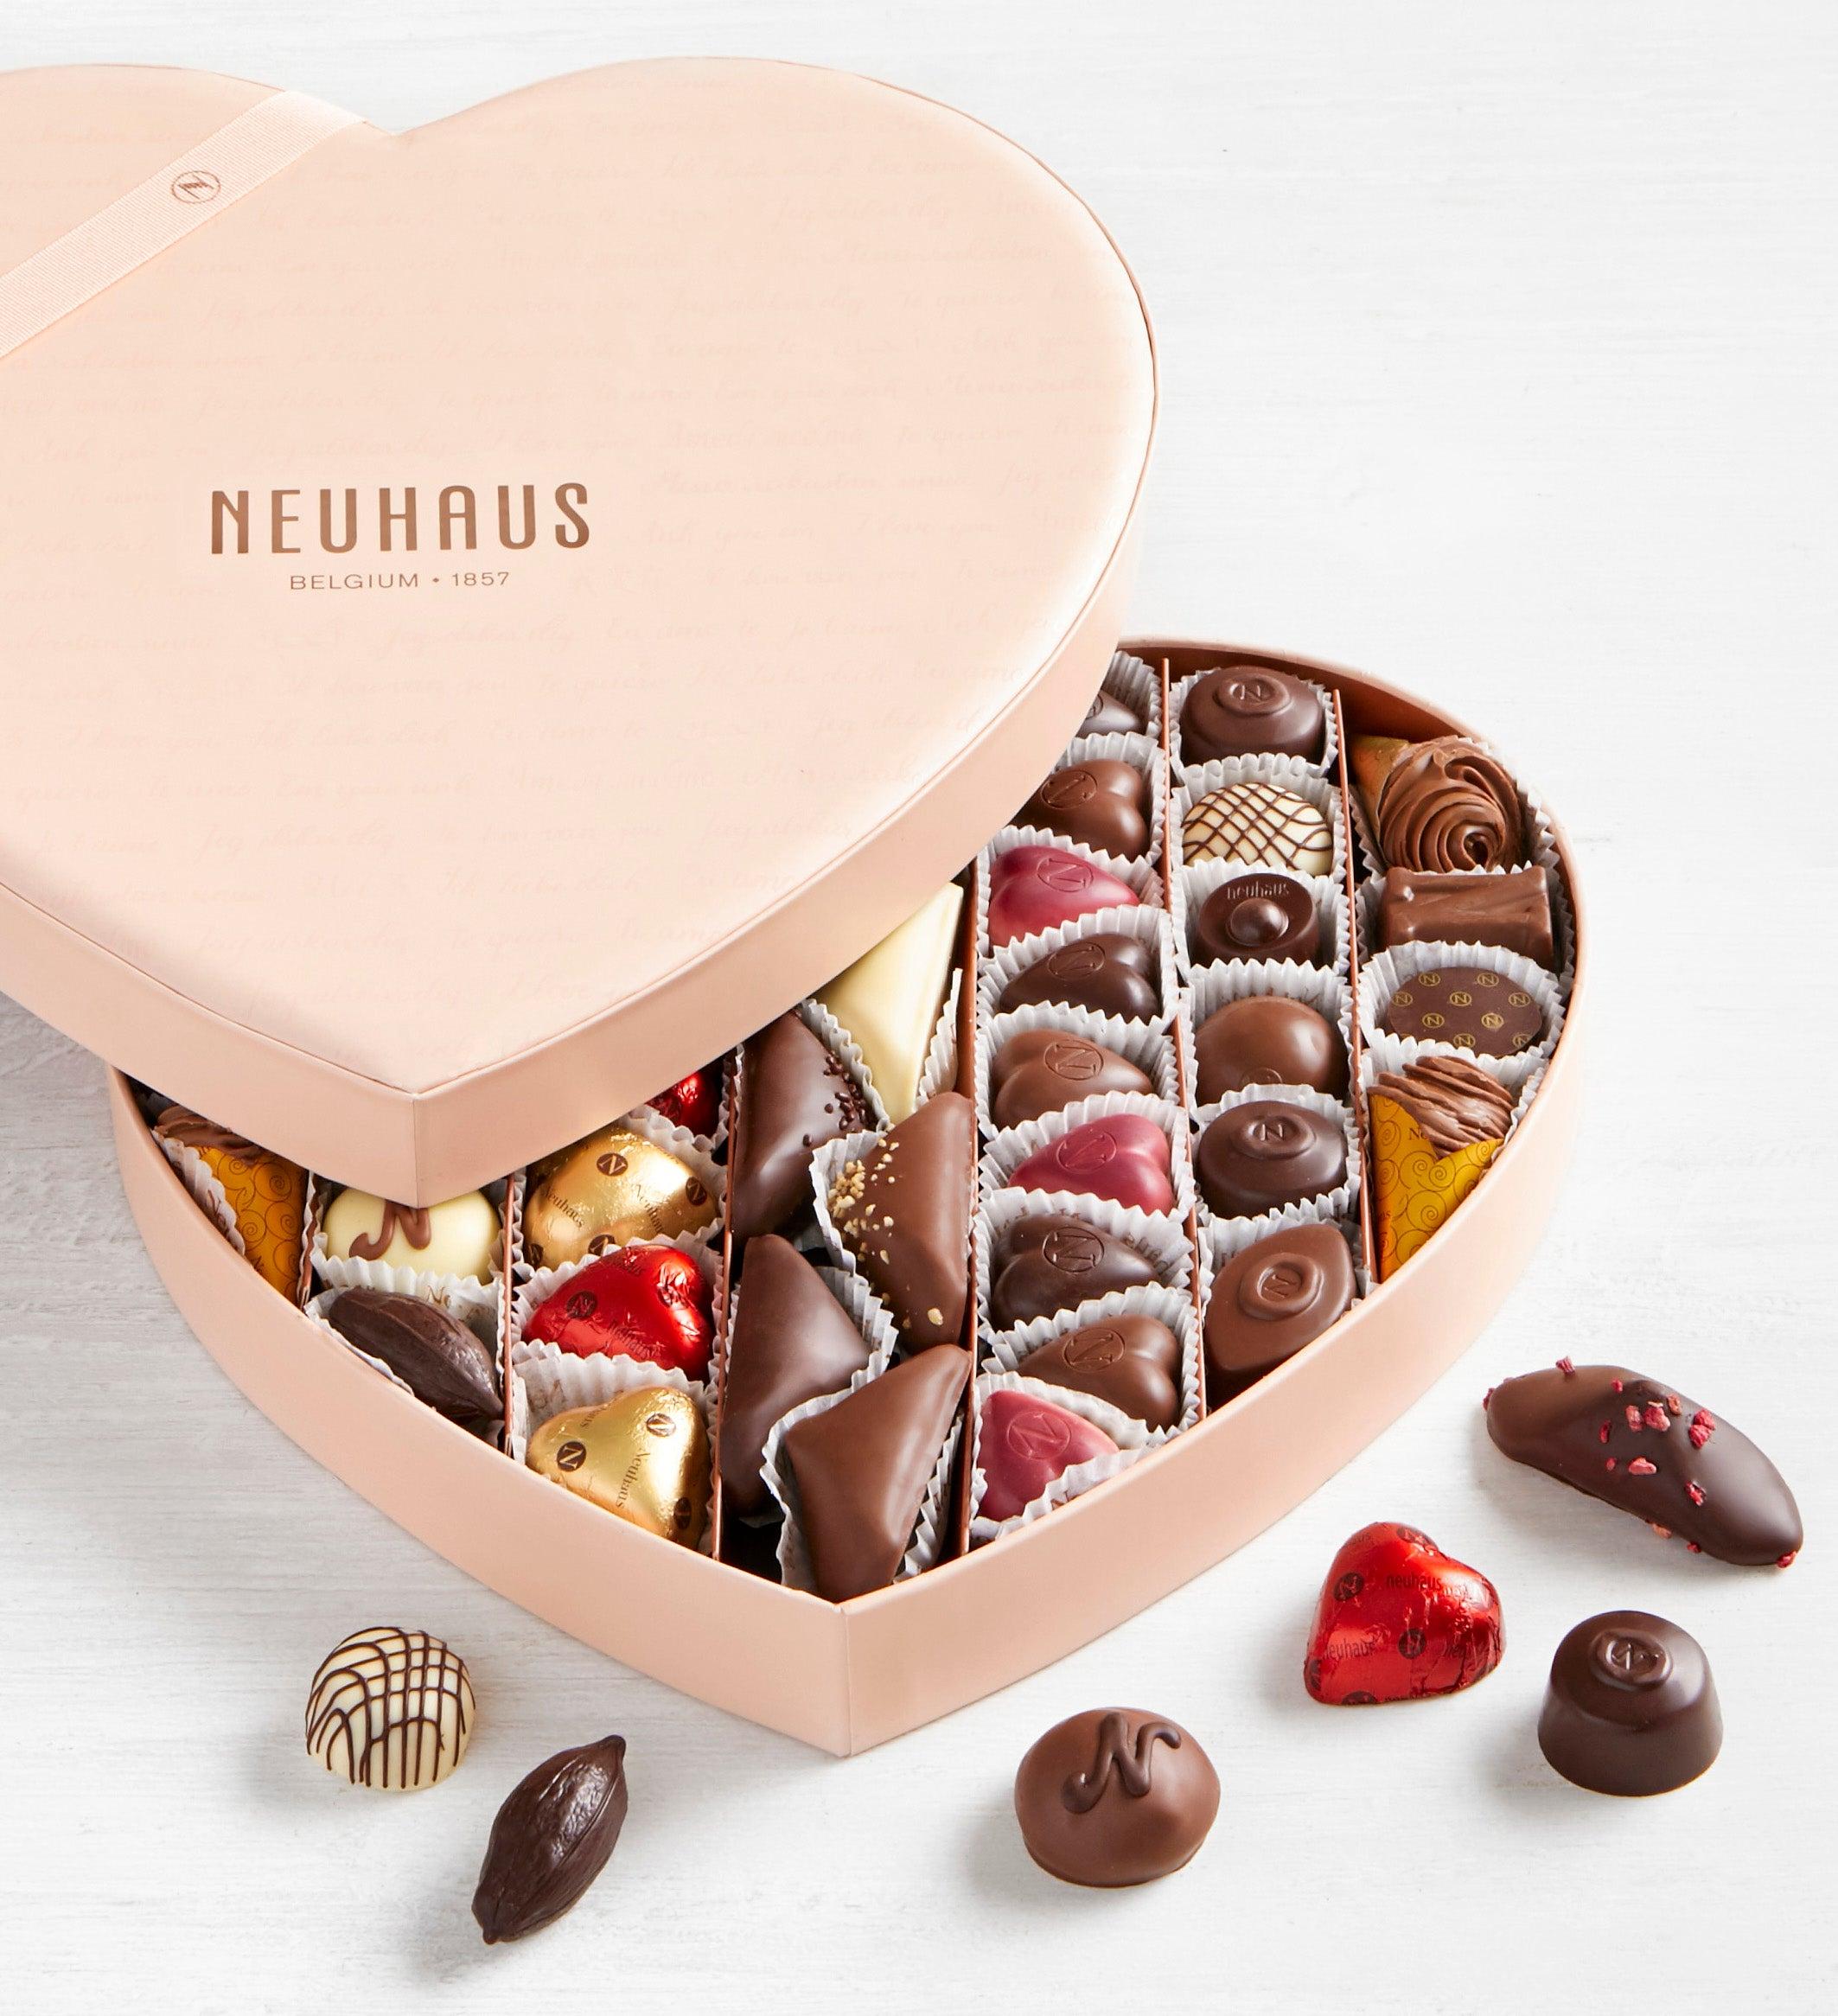 Neuhaus Premier pc Belgian Chocolate Heart Box